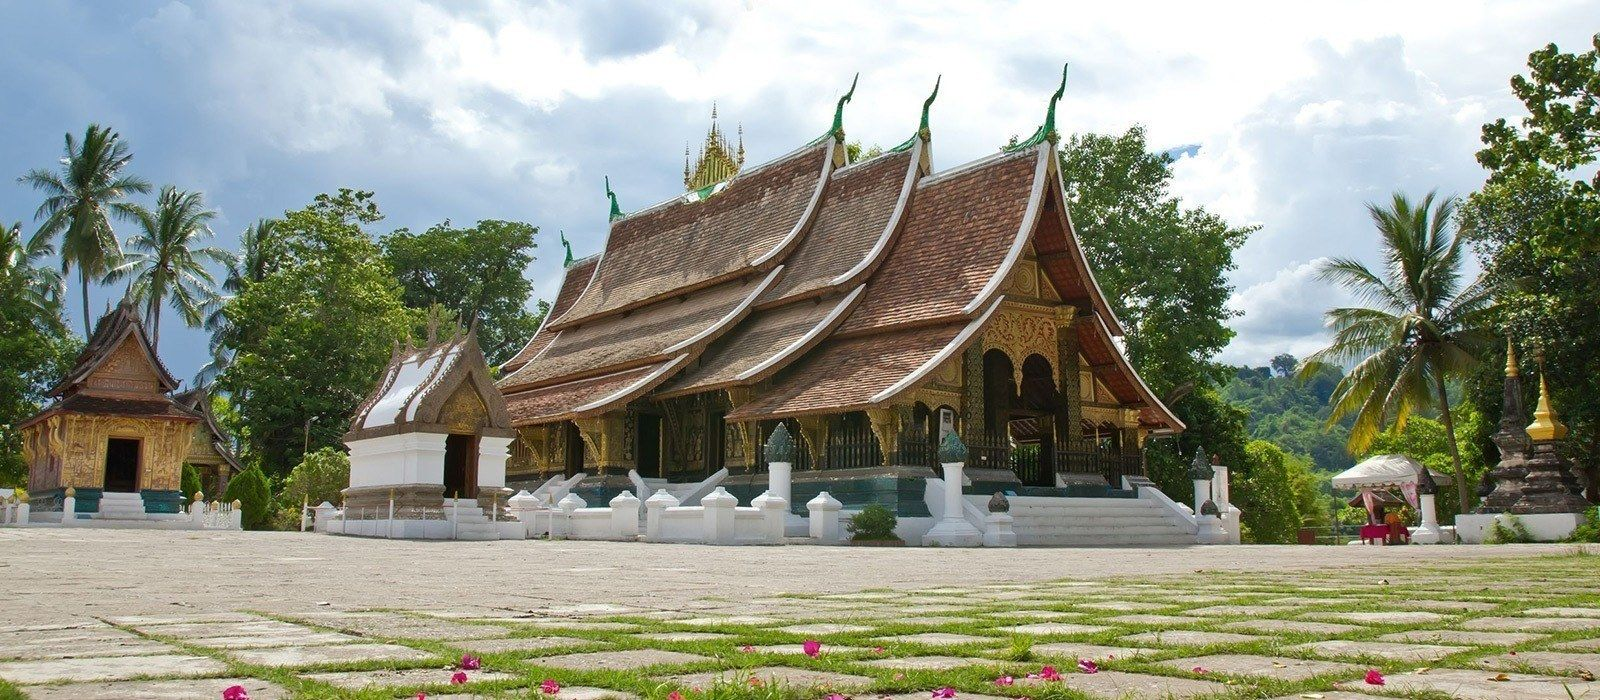 Laos unentdeckte Facetten Urlaub 5